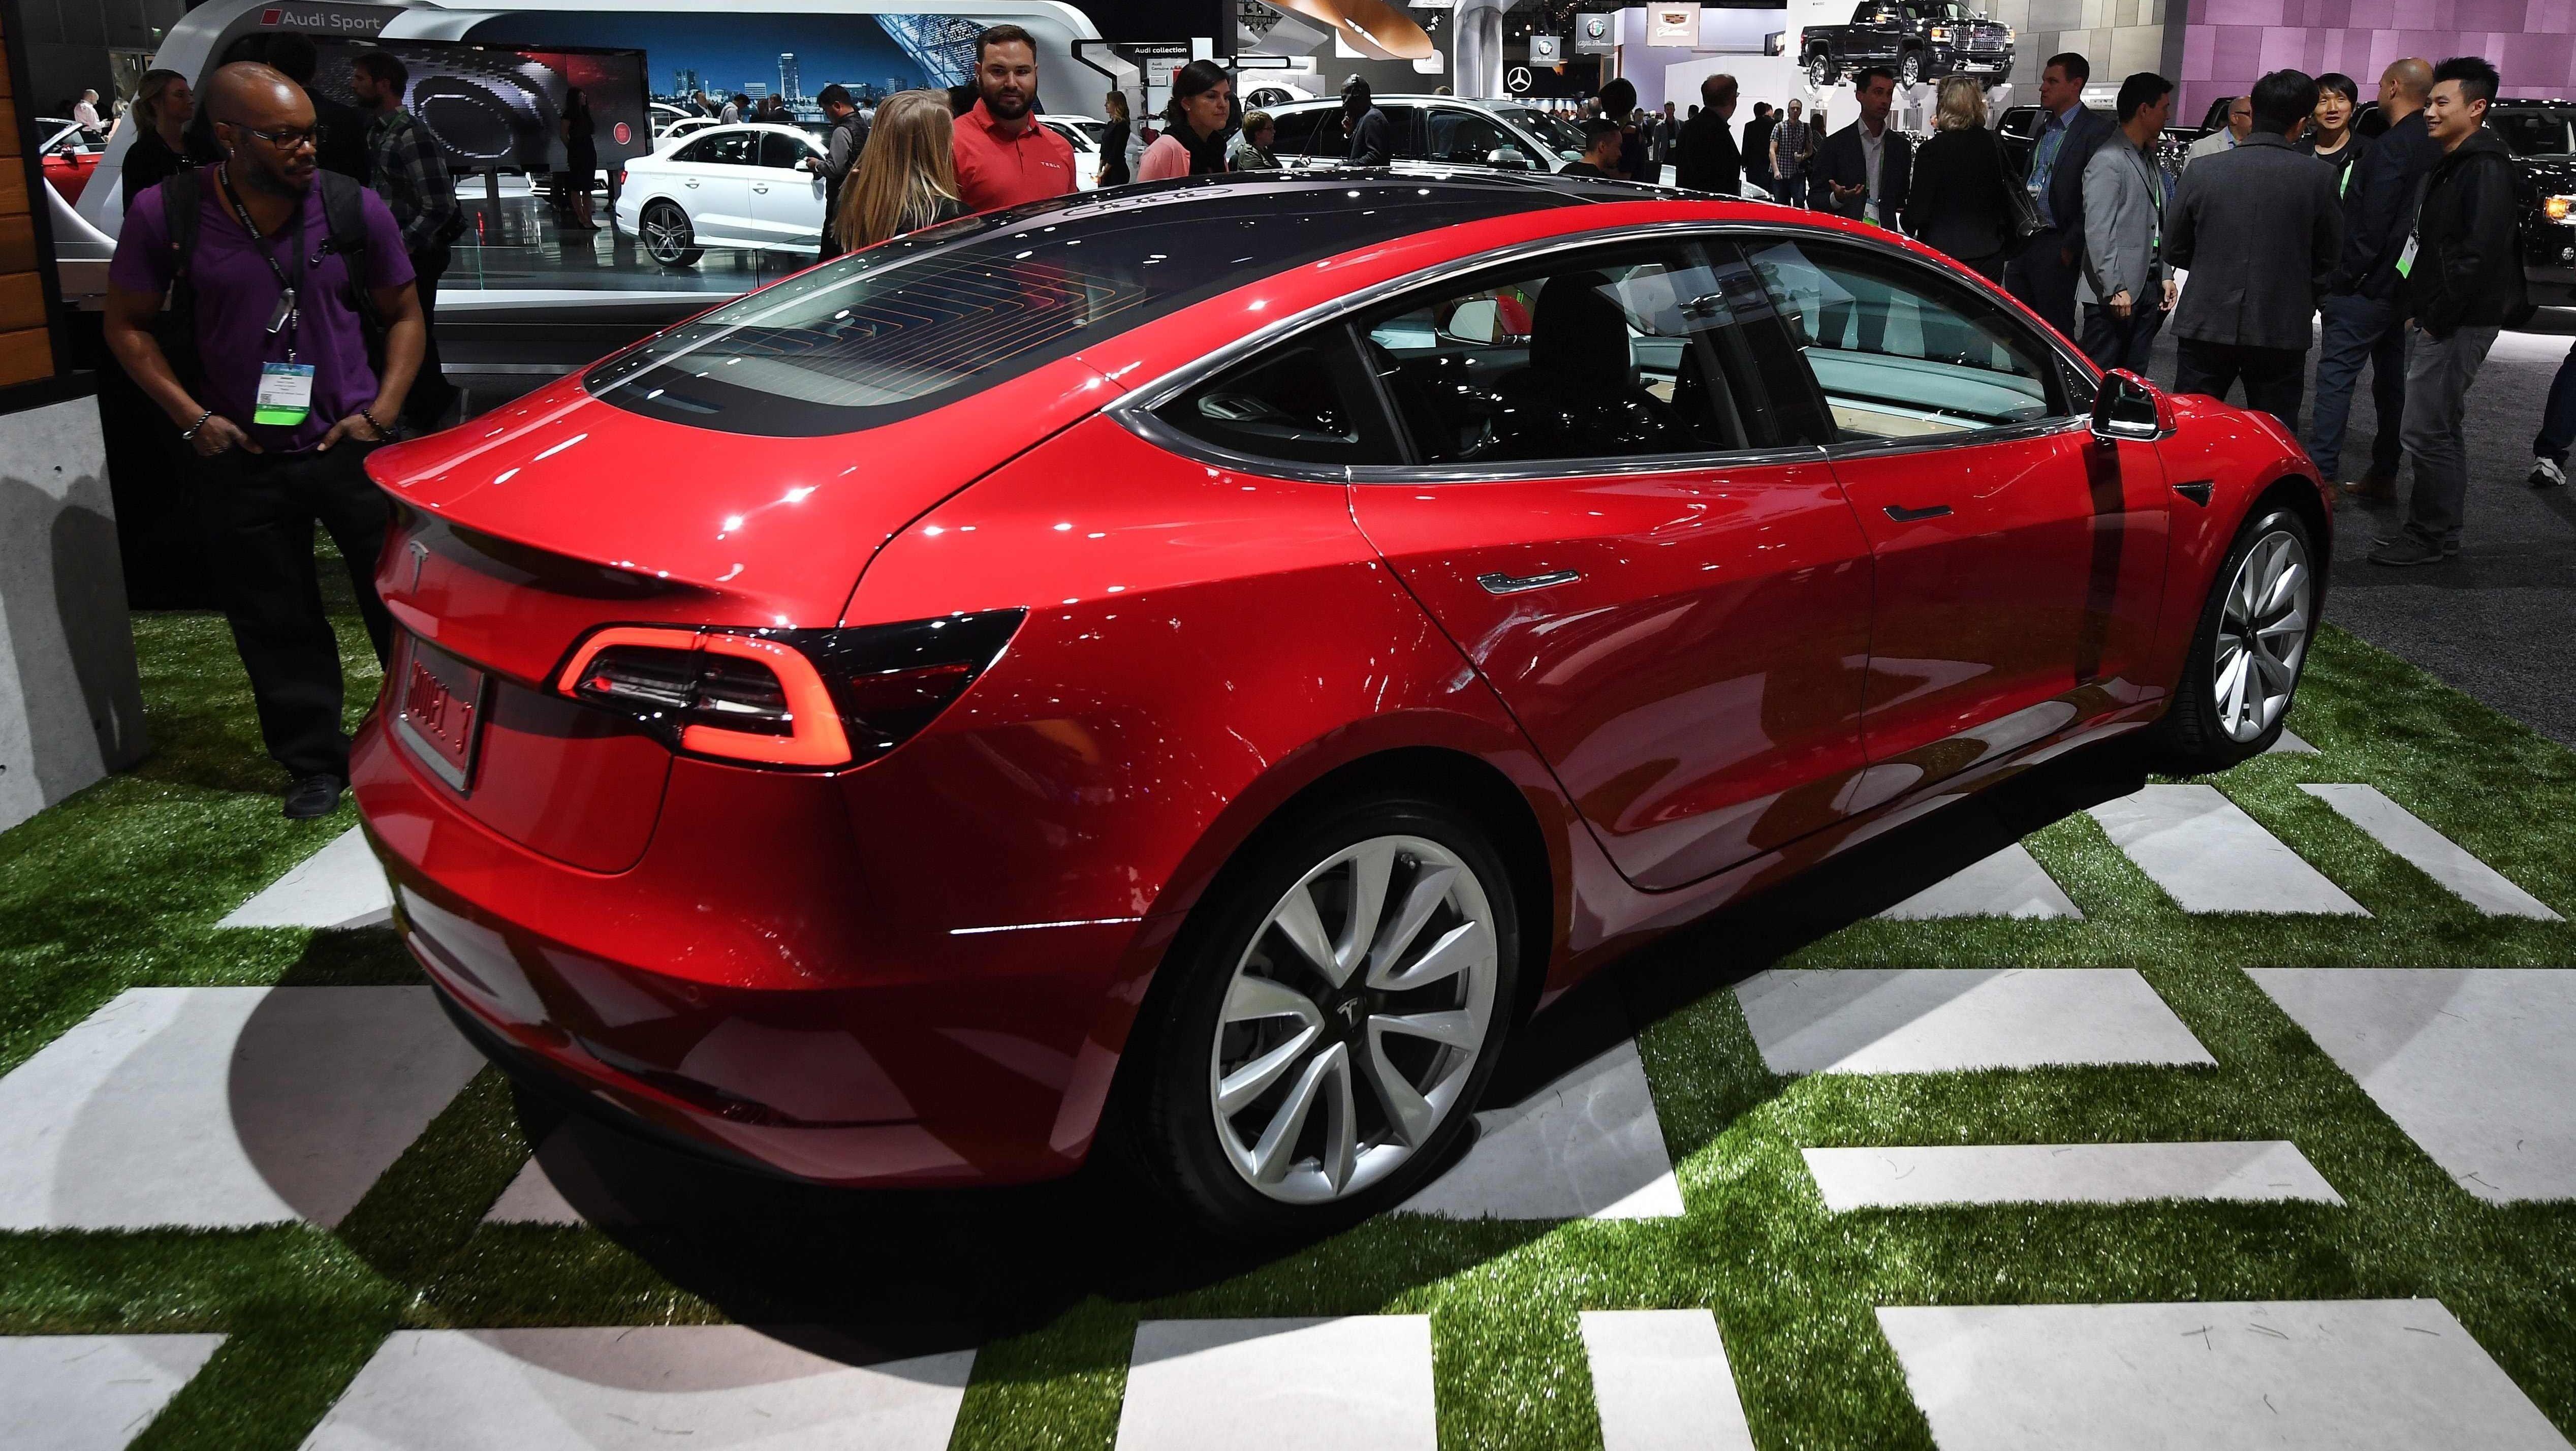 TESLA MODEL 3: Tesla har endelig fått fart på produksjonen og utleveringene av sin volummodell, Model 3. Men de har fortsatt en stor oppgave foran seg, med tanke på å nå målene for 2018.